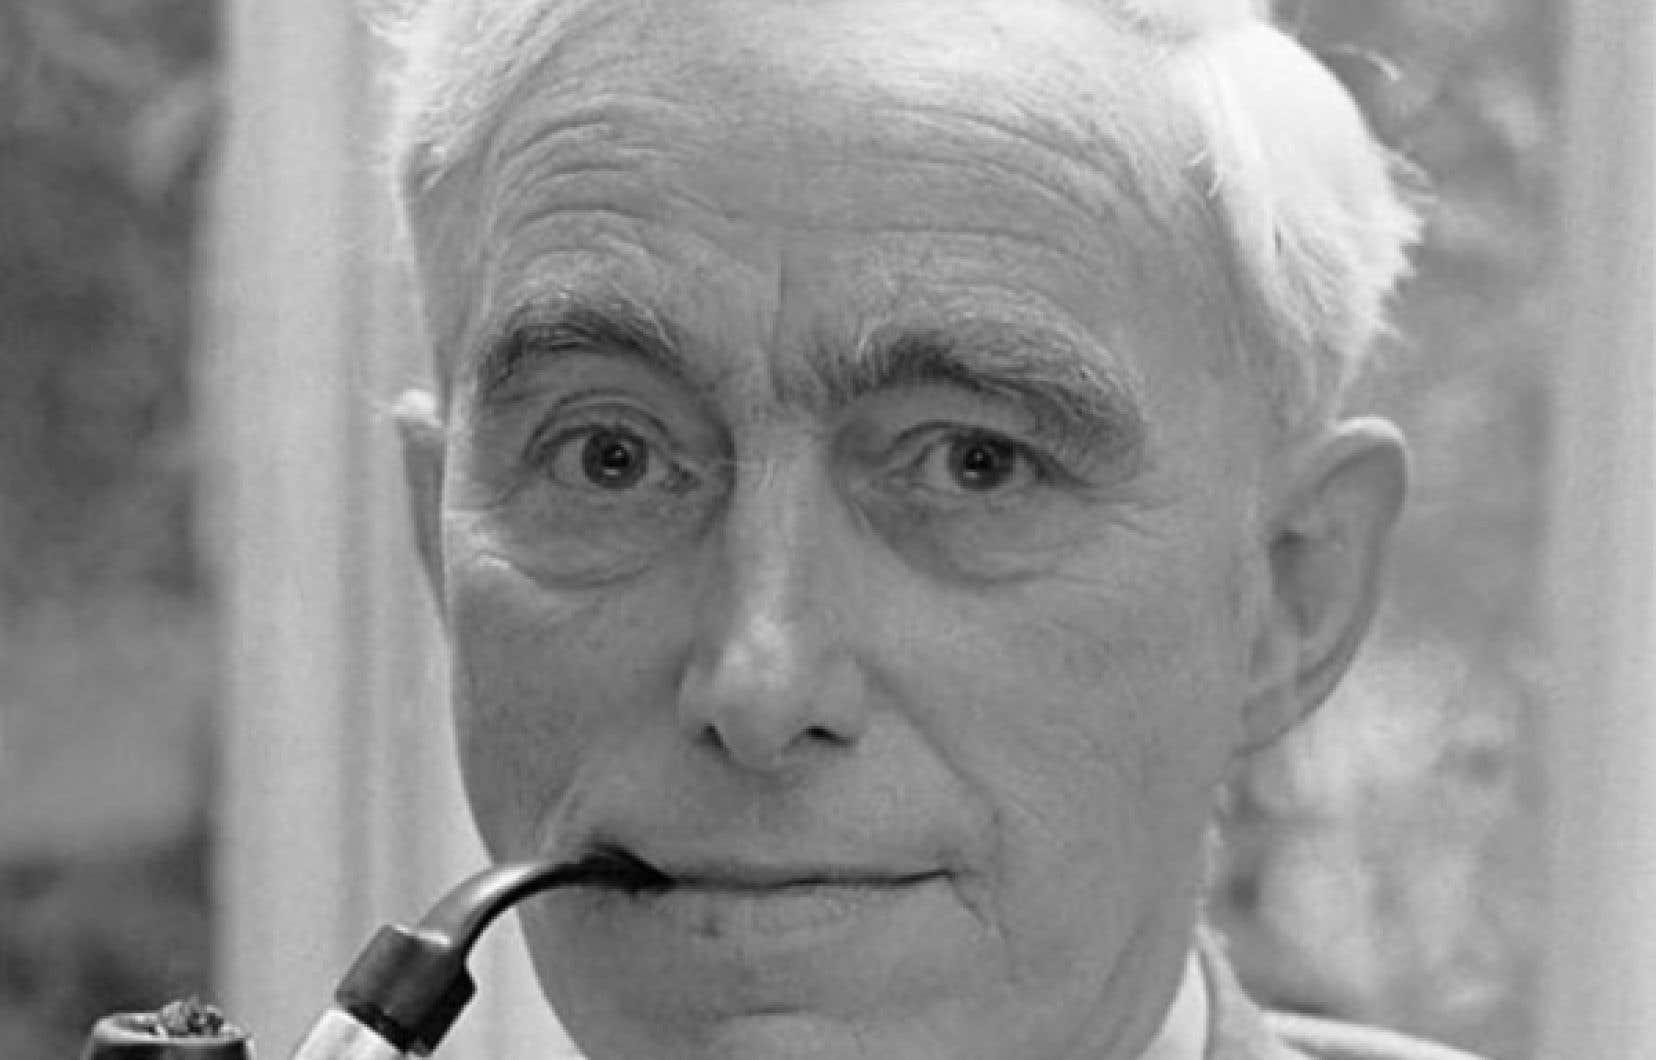 Le penseur Richard Stanley Peters a cr&eacute;&eacute; la philosophie dite analytique de l&rsquo;&eacute;ducation. Il est d&eacute;c&eacute;d&eacute; le 30 d&eacute;cembre 2011 &agrave; l&rsquo;&acirc;ge de 92 ans.<br />